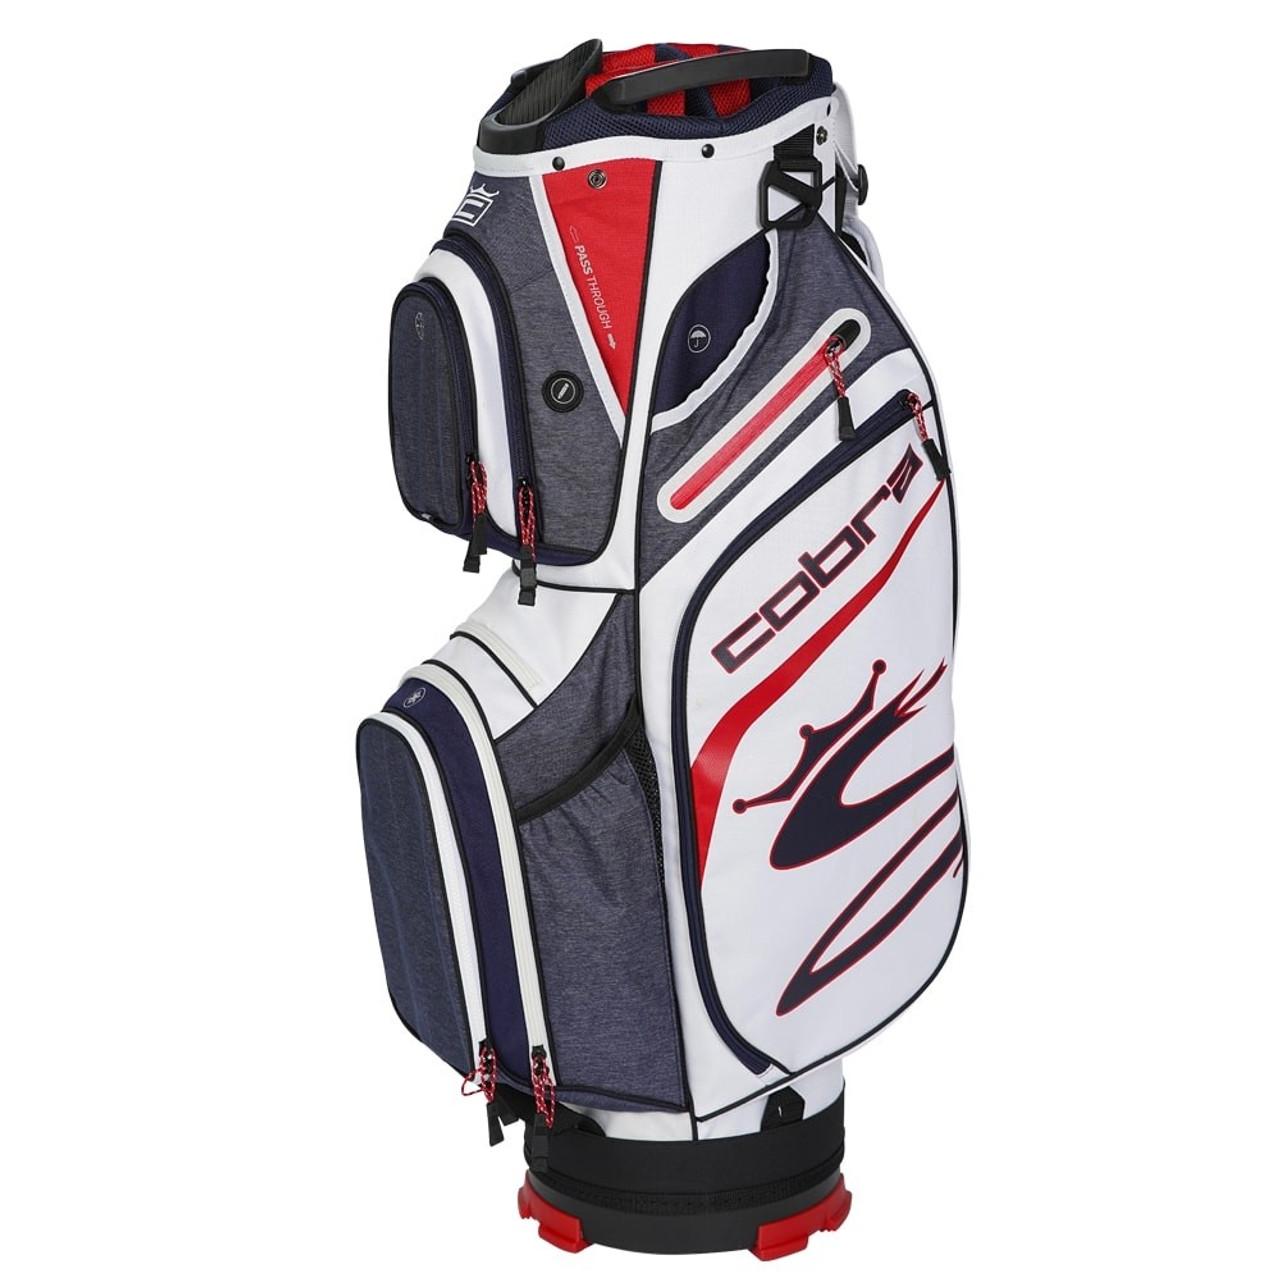 Cobra Ultralight Cart Bag - Peacoat / High Risk Red